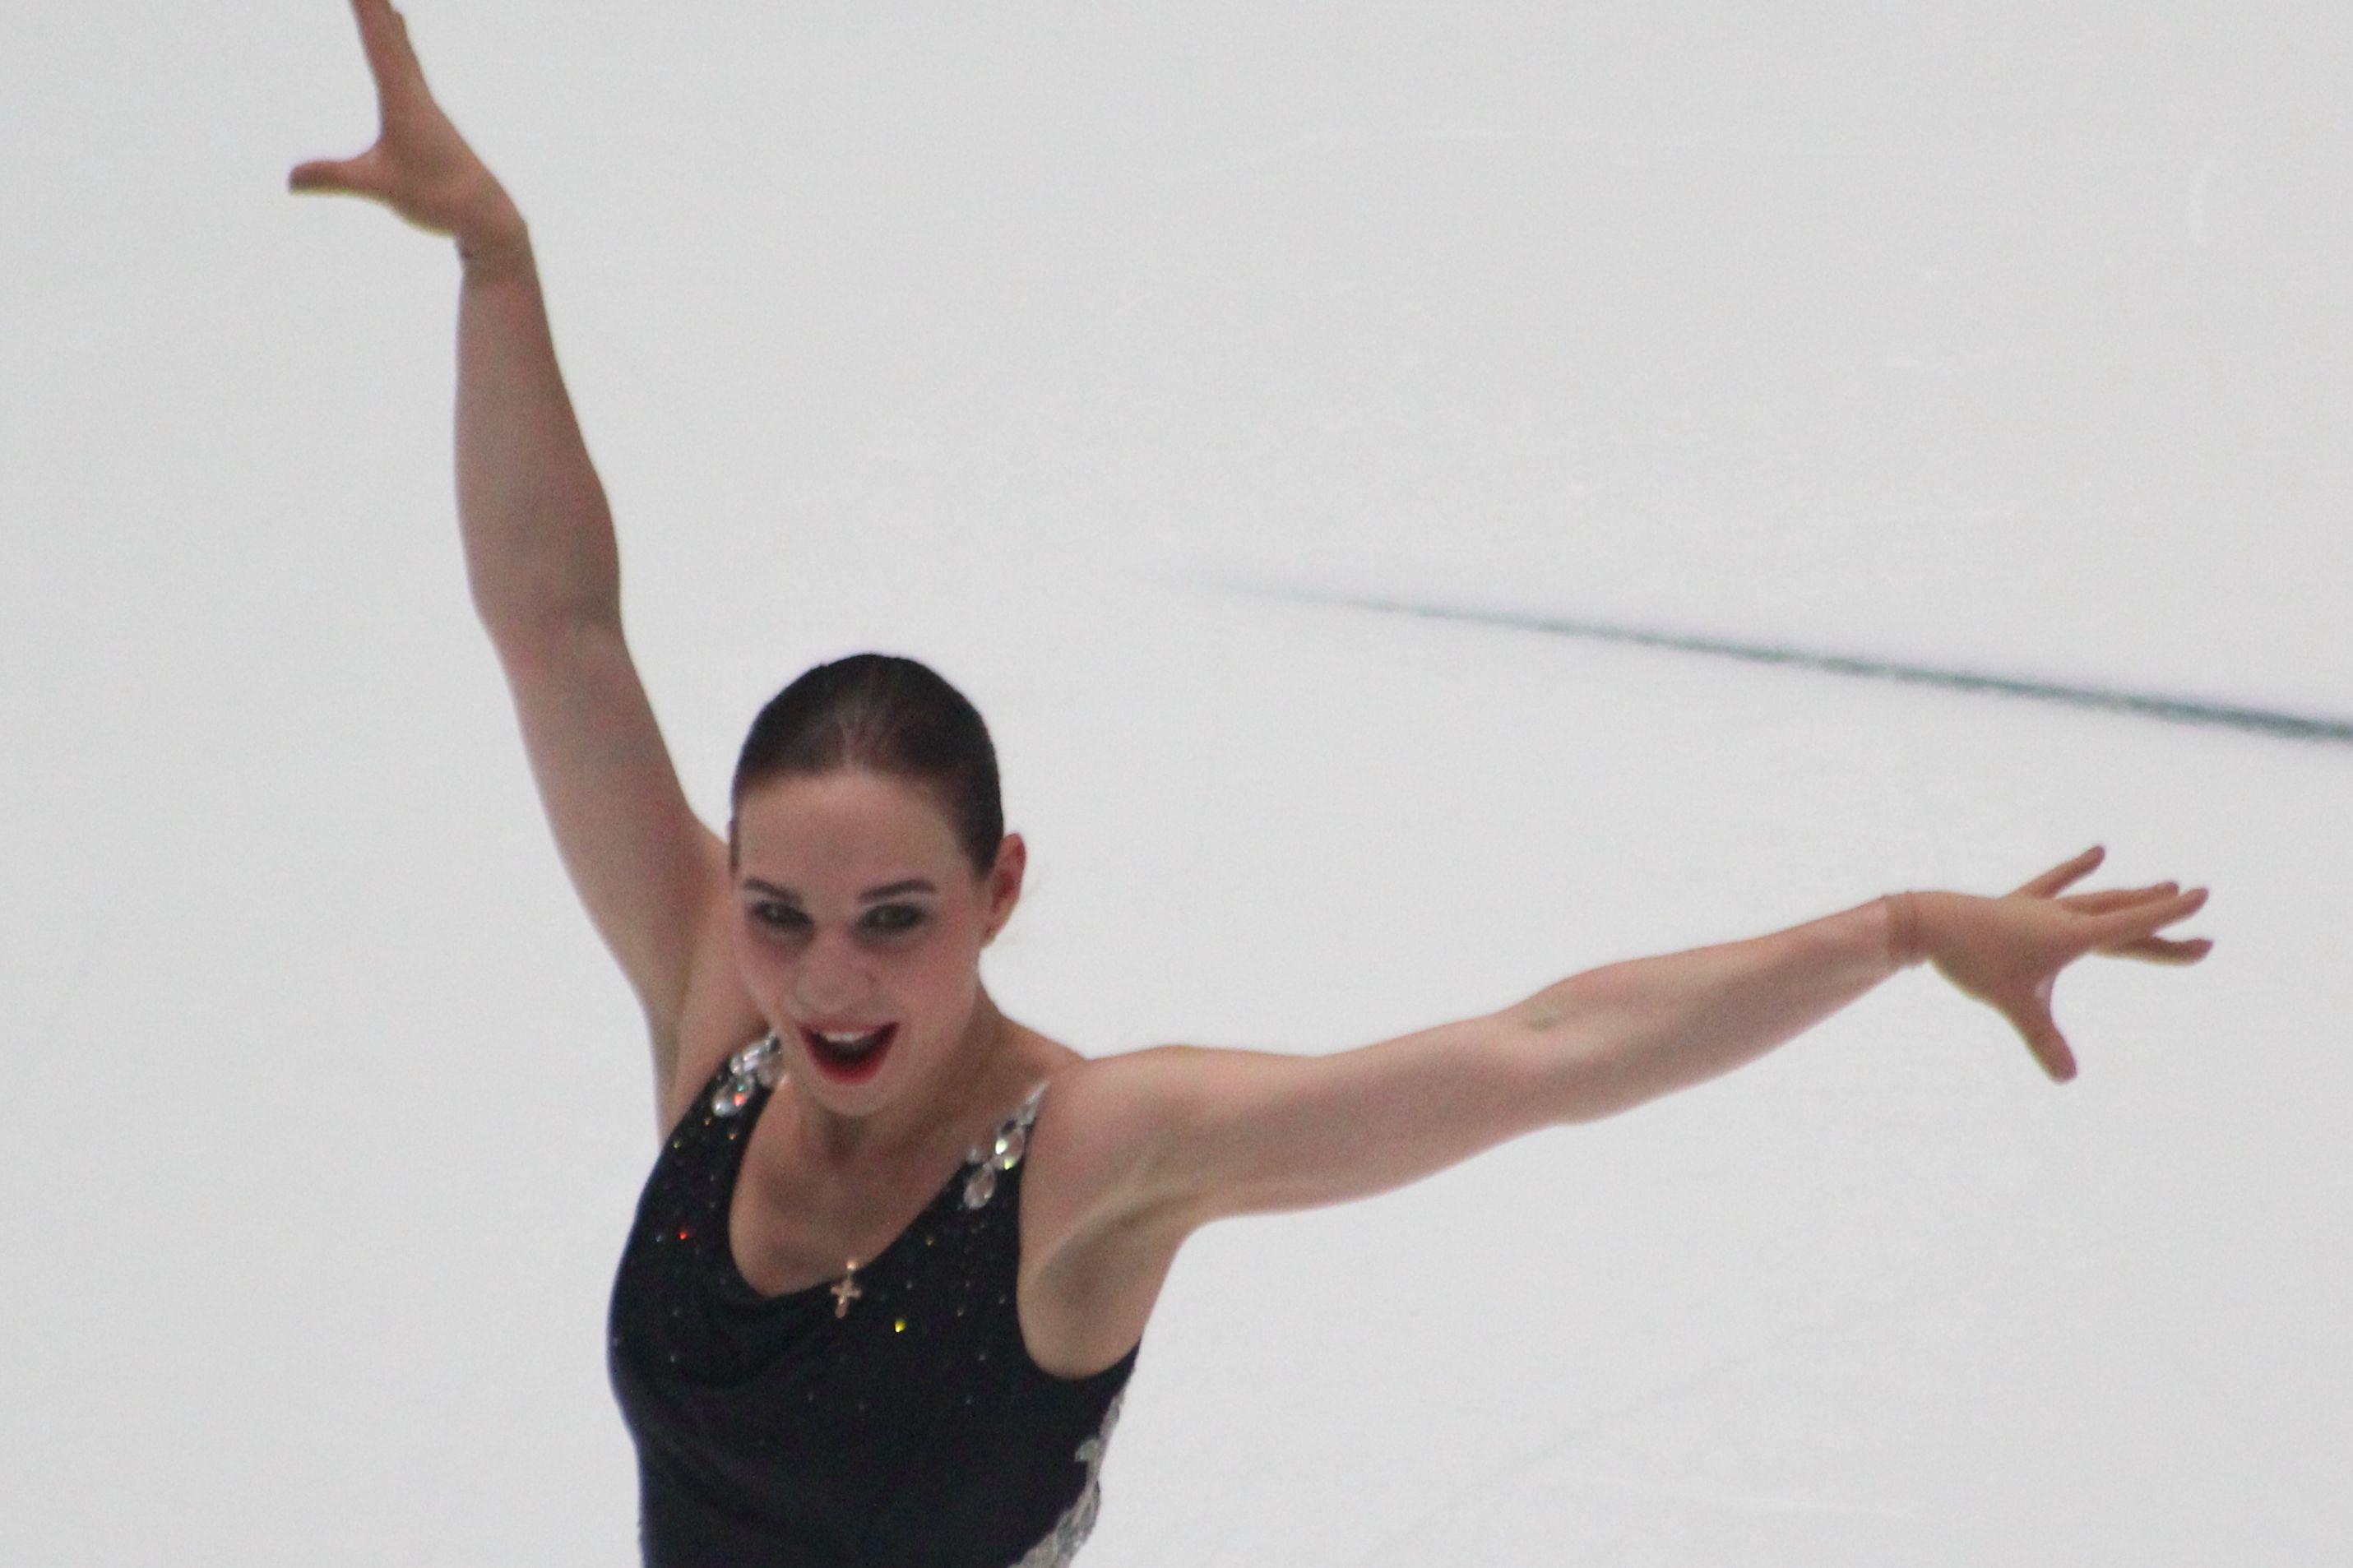 Леонова: 'Когда Кихира допустила ошибки, поняла – первые три места будут за русскими'